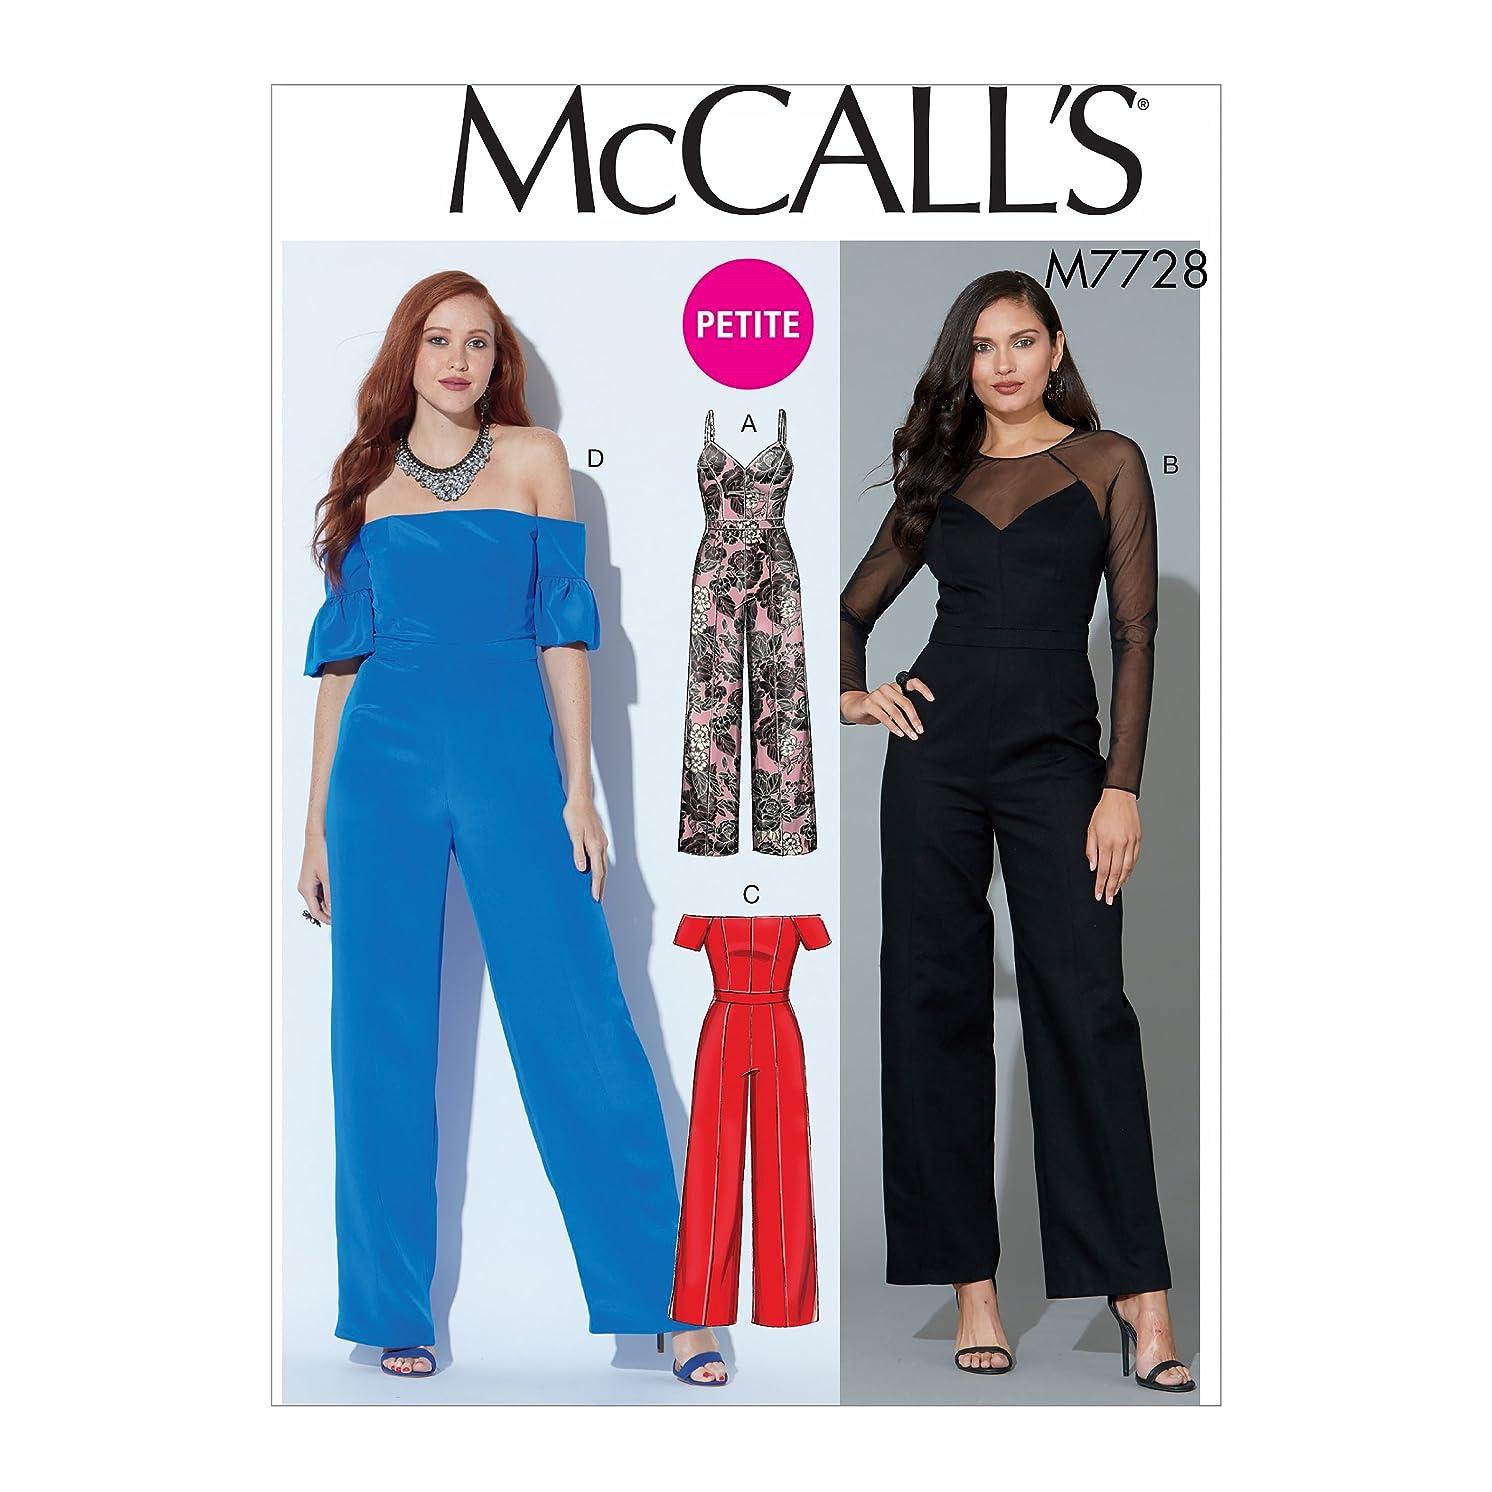 McCall's Patterns M7728E50 Misses' Petite Jumpsuits